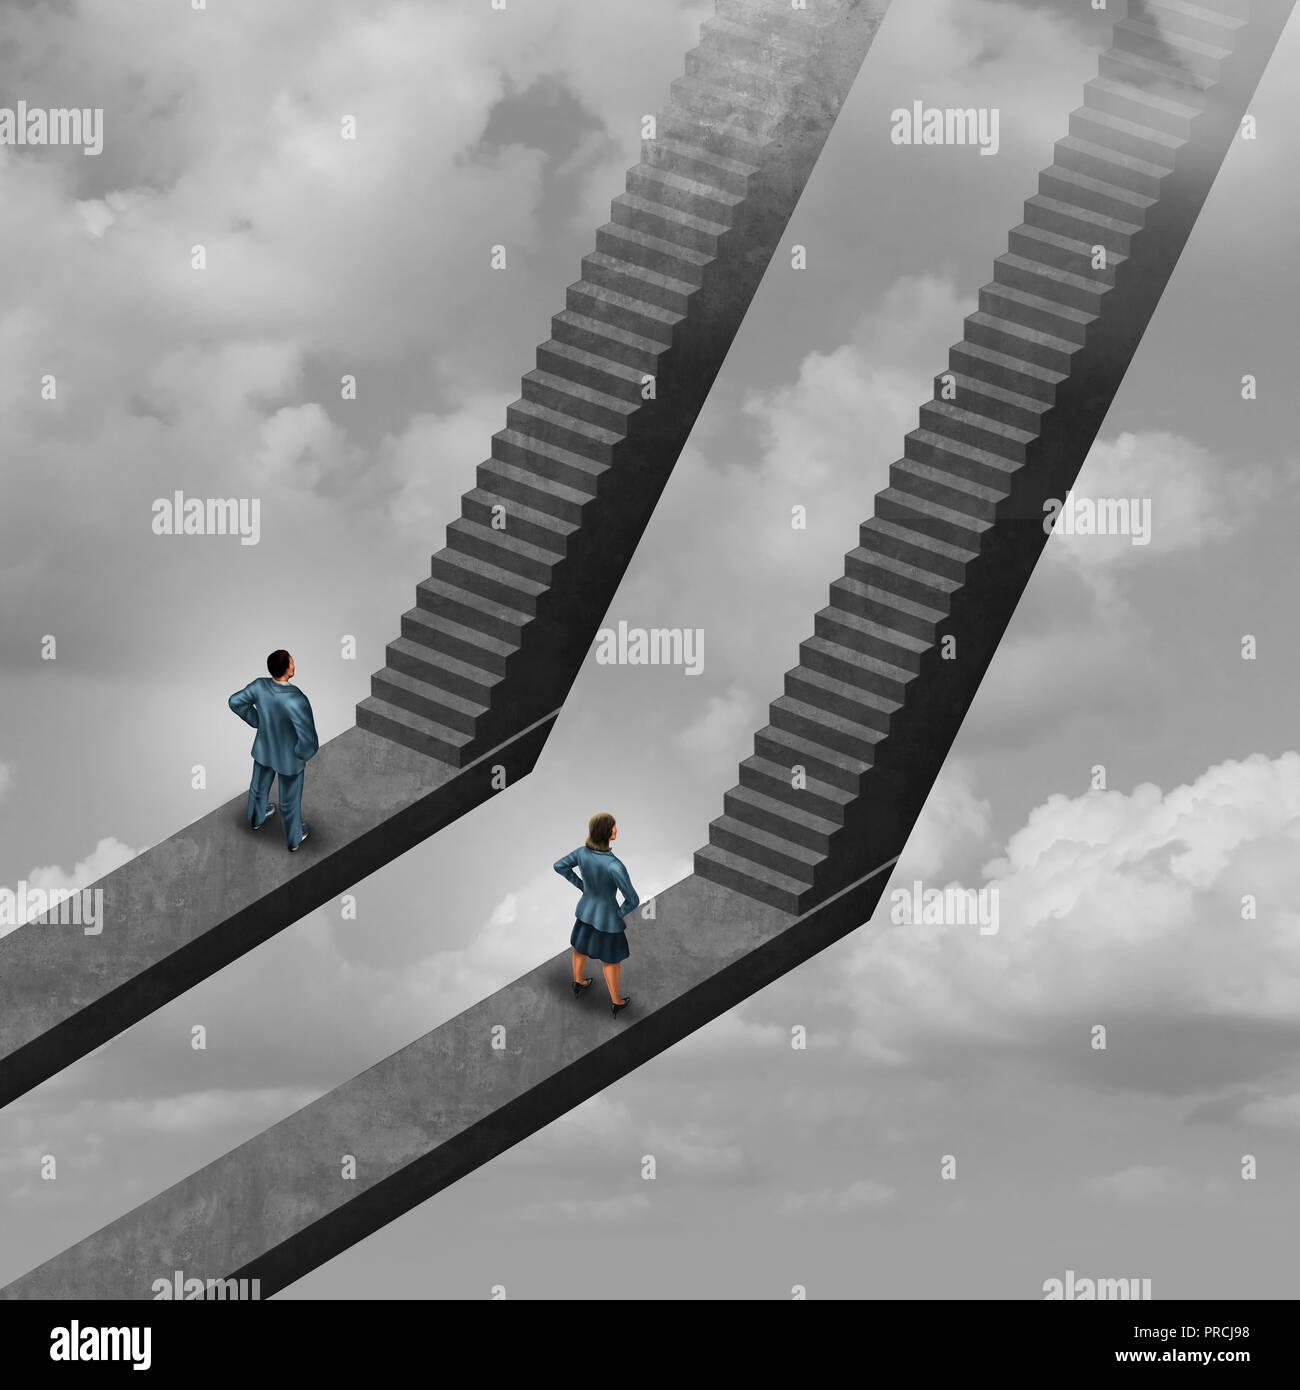 La diversidad en el lugar de trabajo los trabajadores de género como un empresario y empresaria hacia las escaleras como un símbolo de la oportunidad justa en el lugar de trabajo o empleado. Imagen De Stock